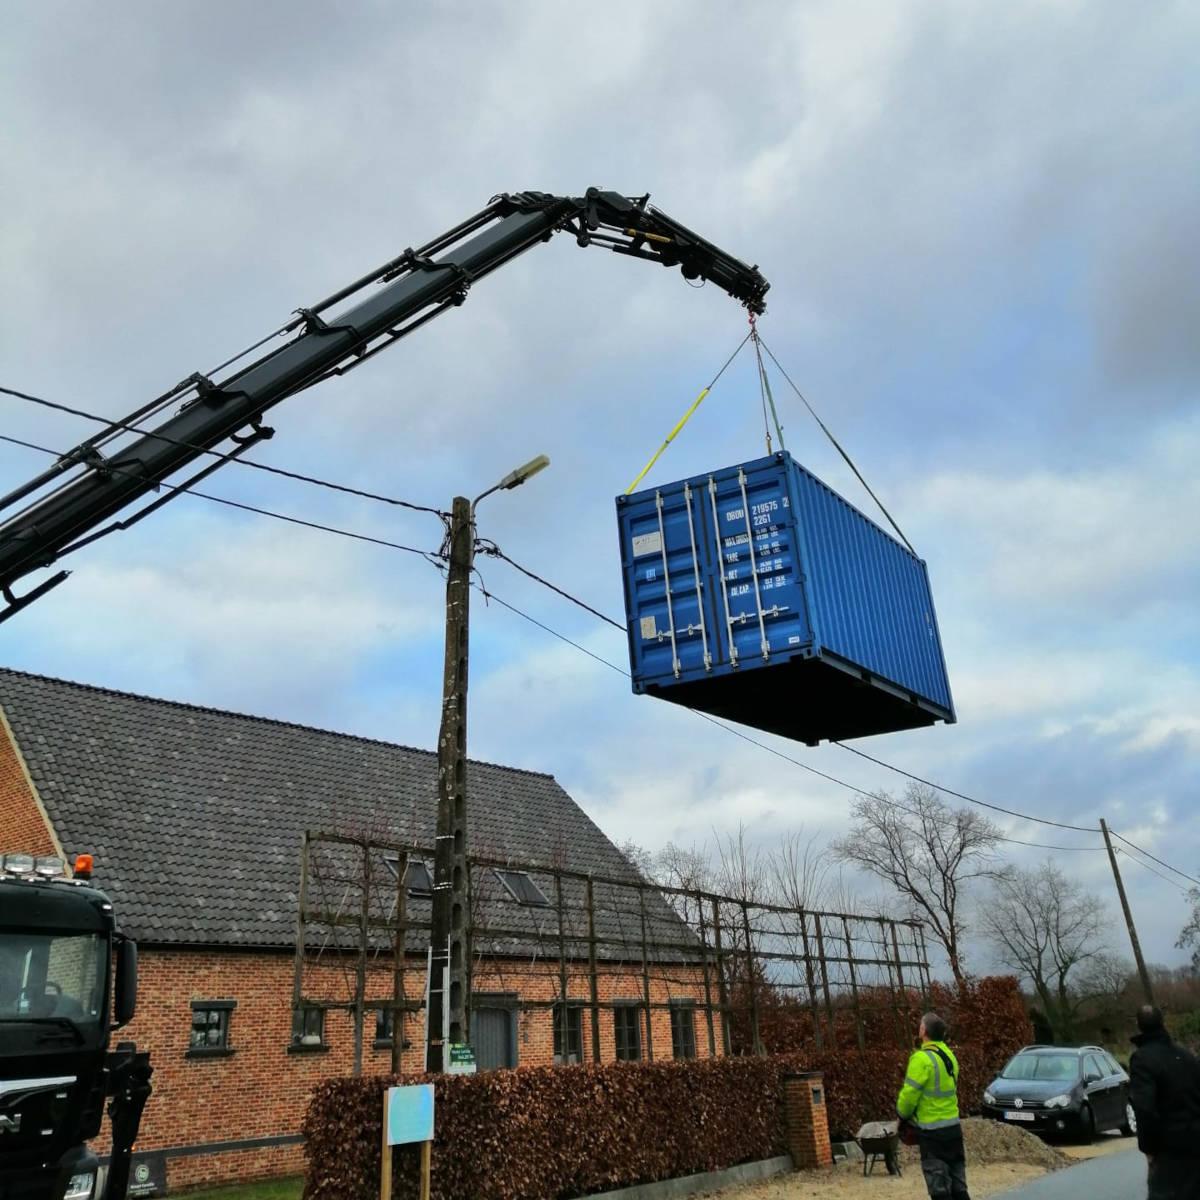 de kraanwagen die een container over een huis tilt.